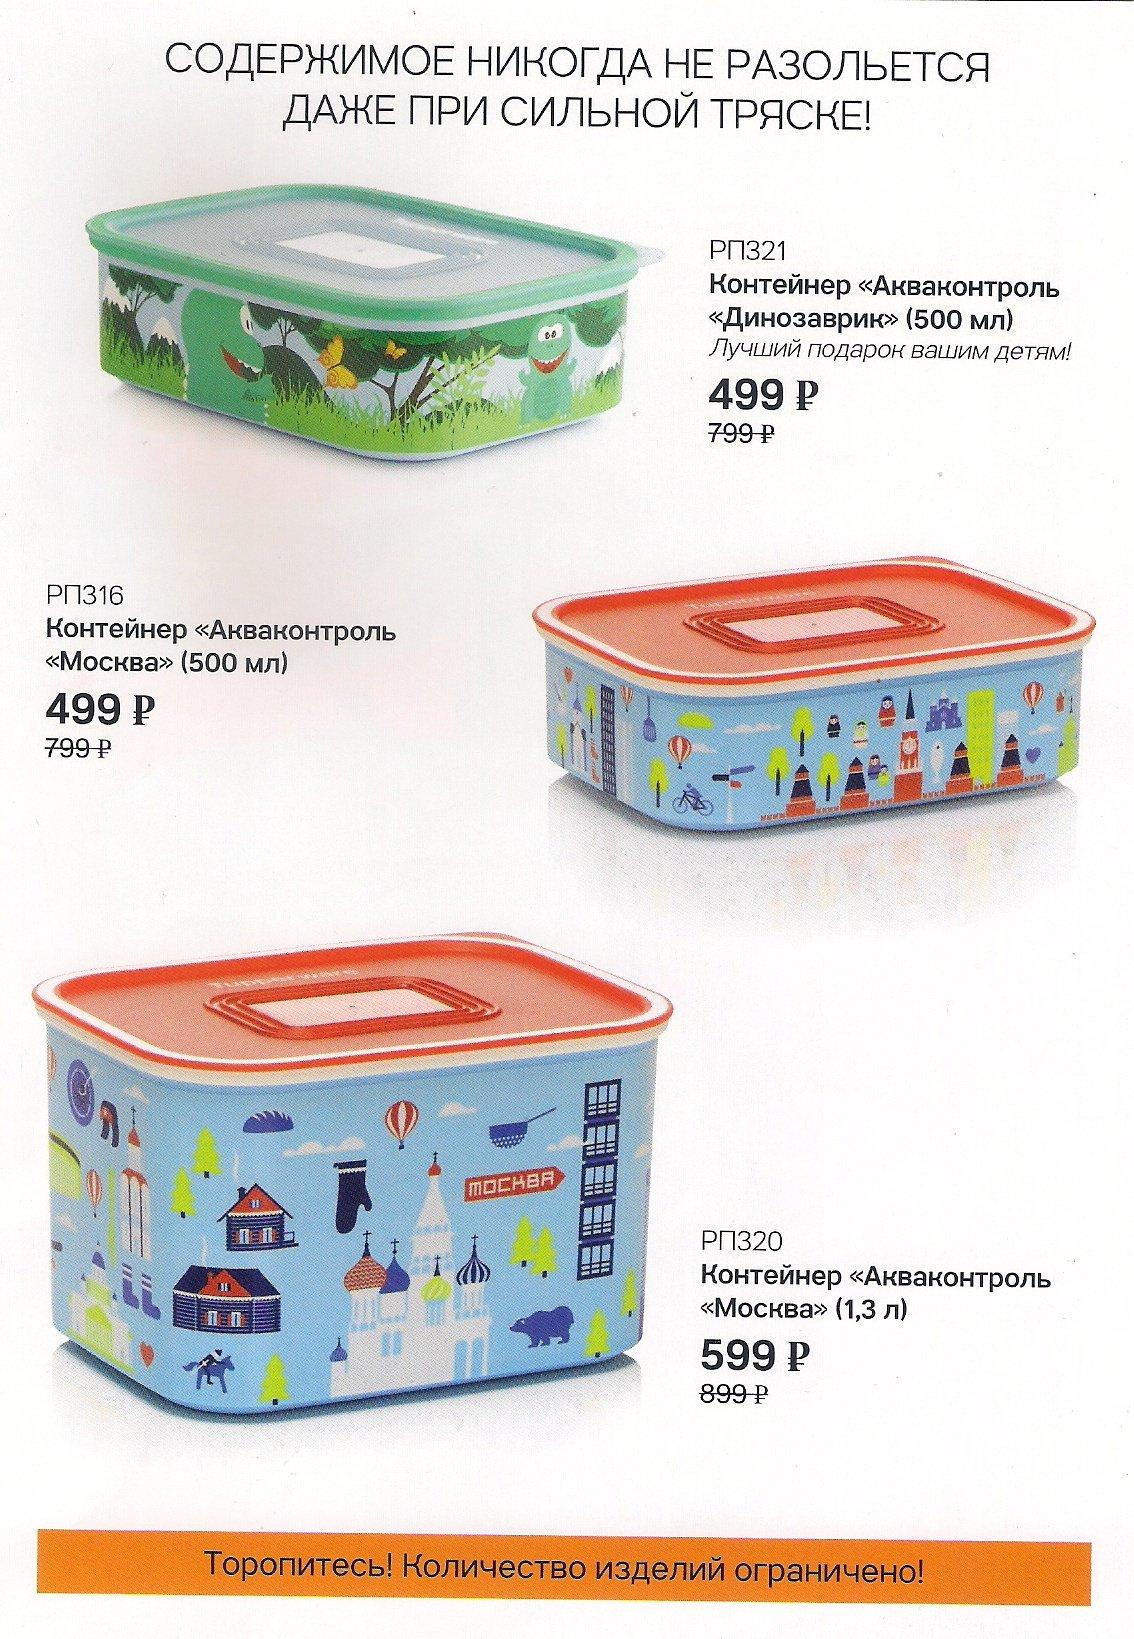 http://tupperware-online.ru/images/upload/12c.jpg